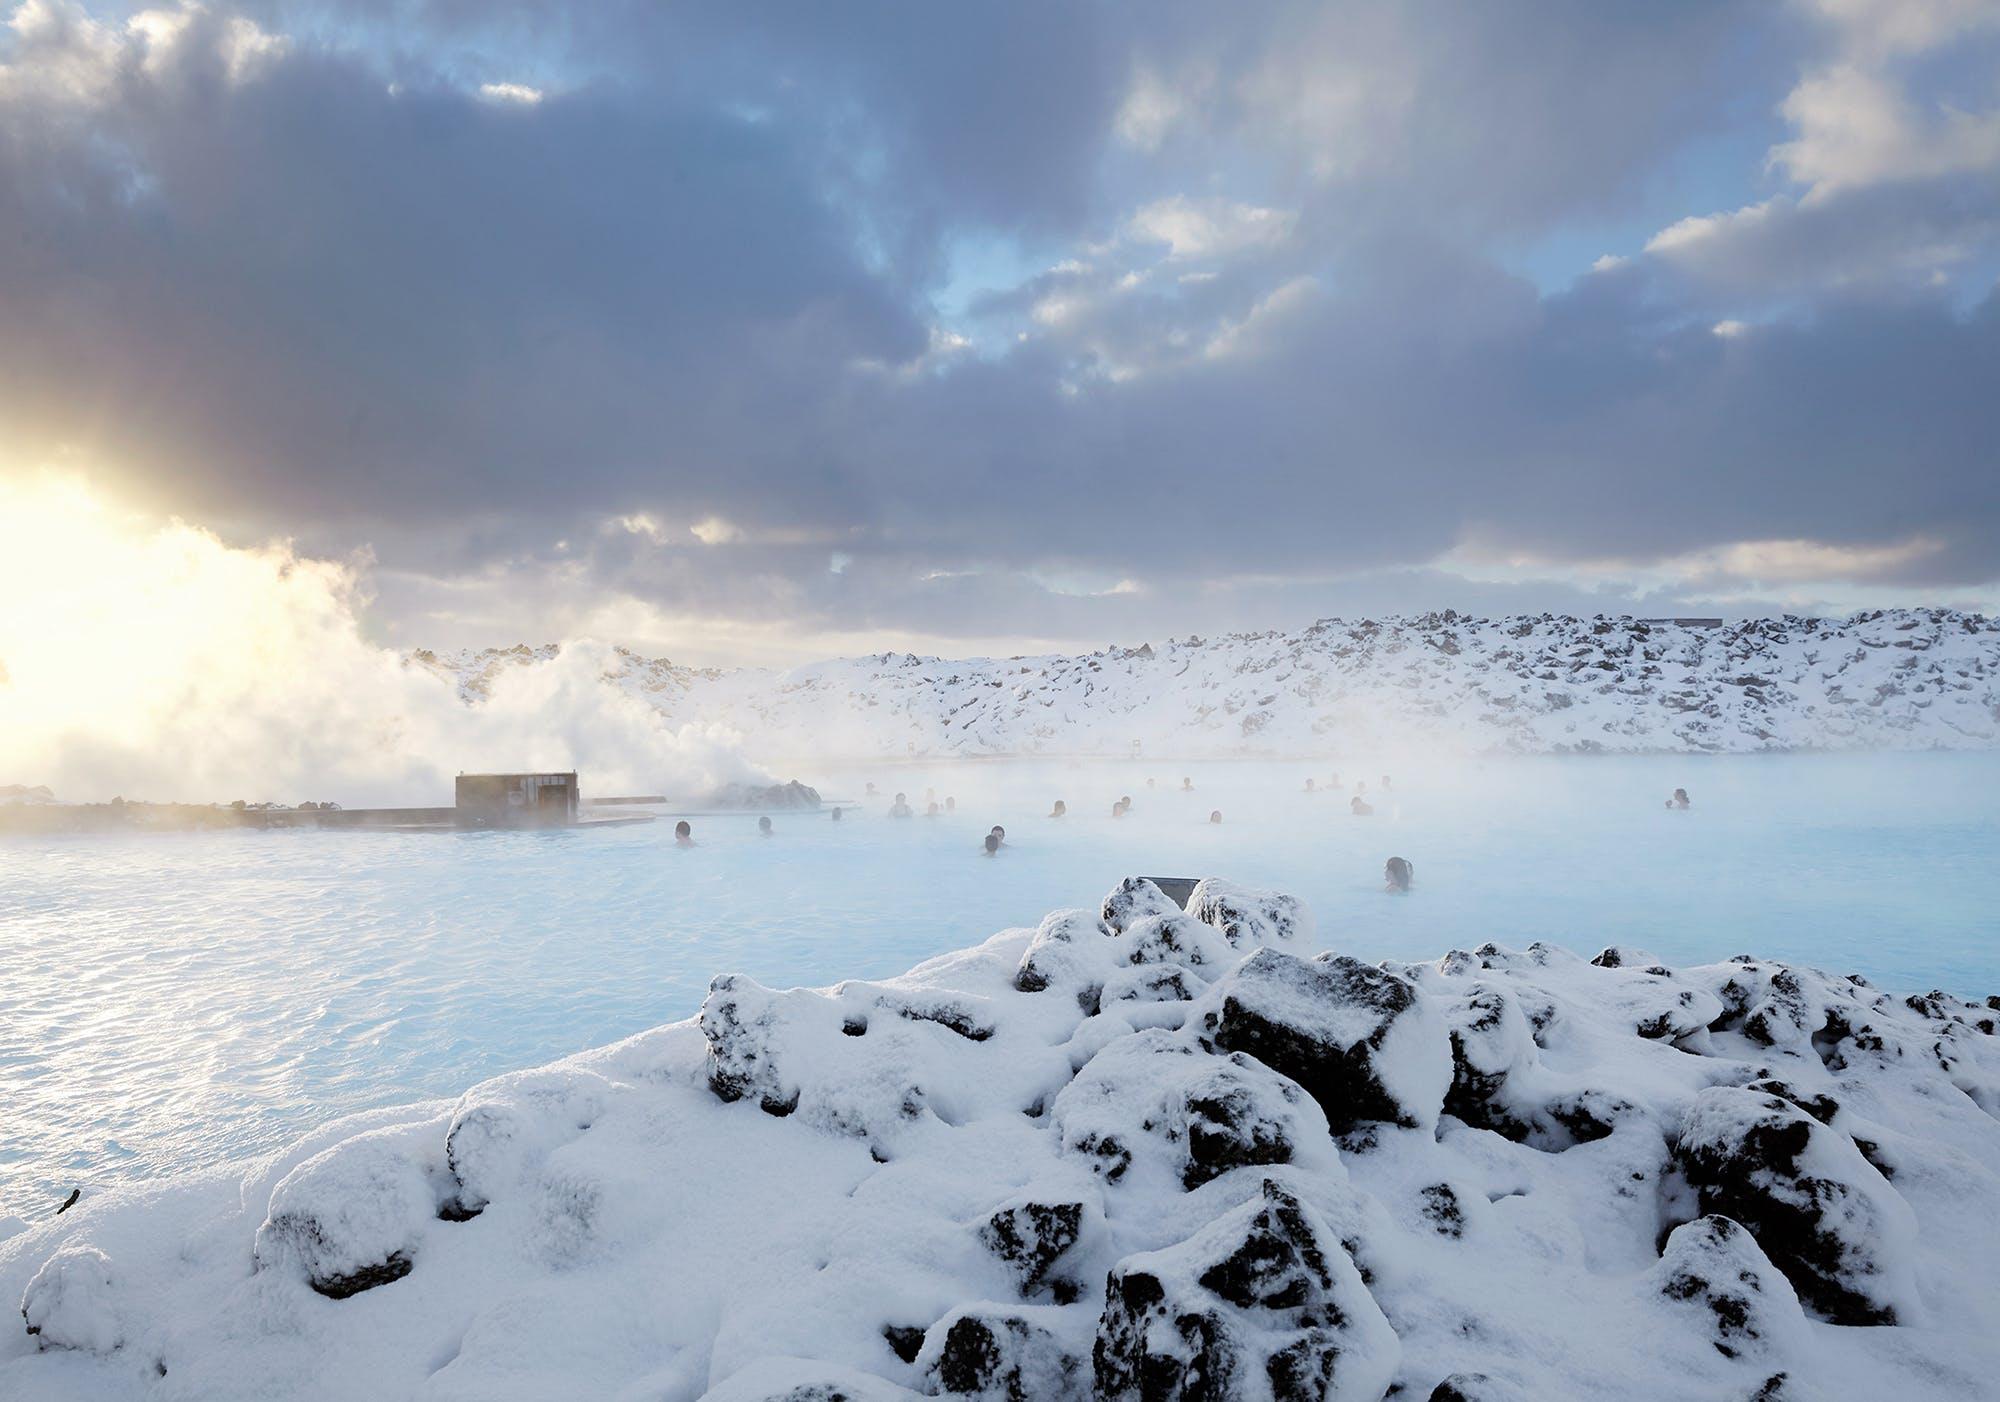 Le spa Blue Lagoon se situe dans un champ de lave, à quelques kilomètres de l'aéroport international de Keflavík. C'est l'endroit idéal pour commencer votre aventure en Islande.